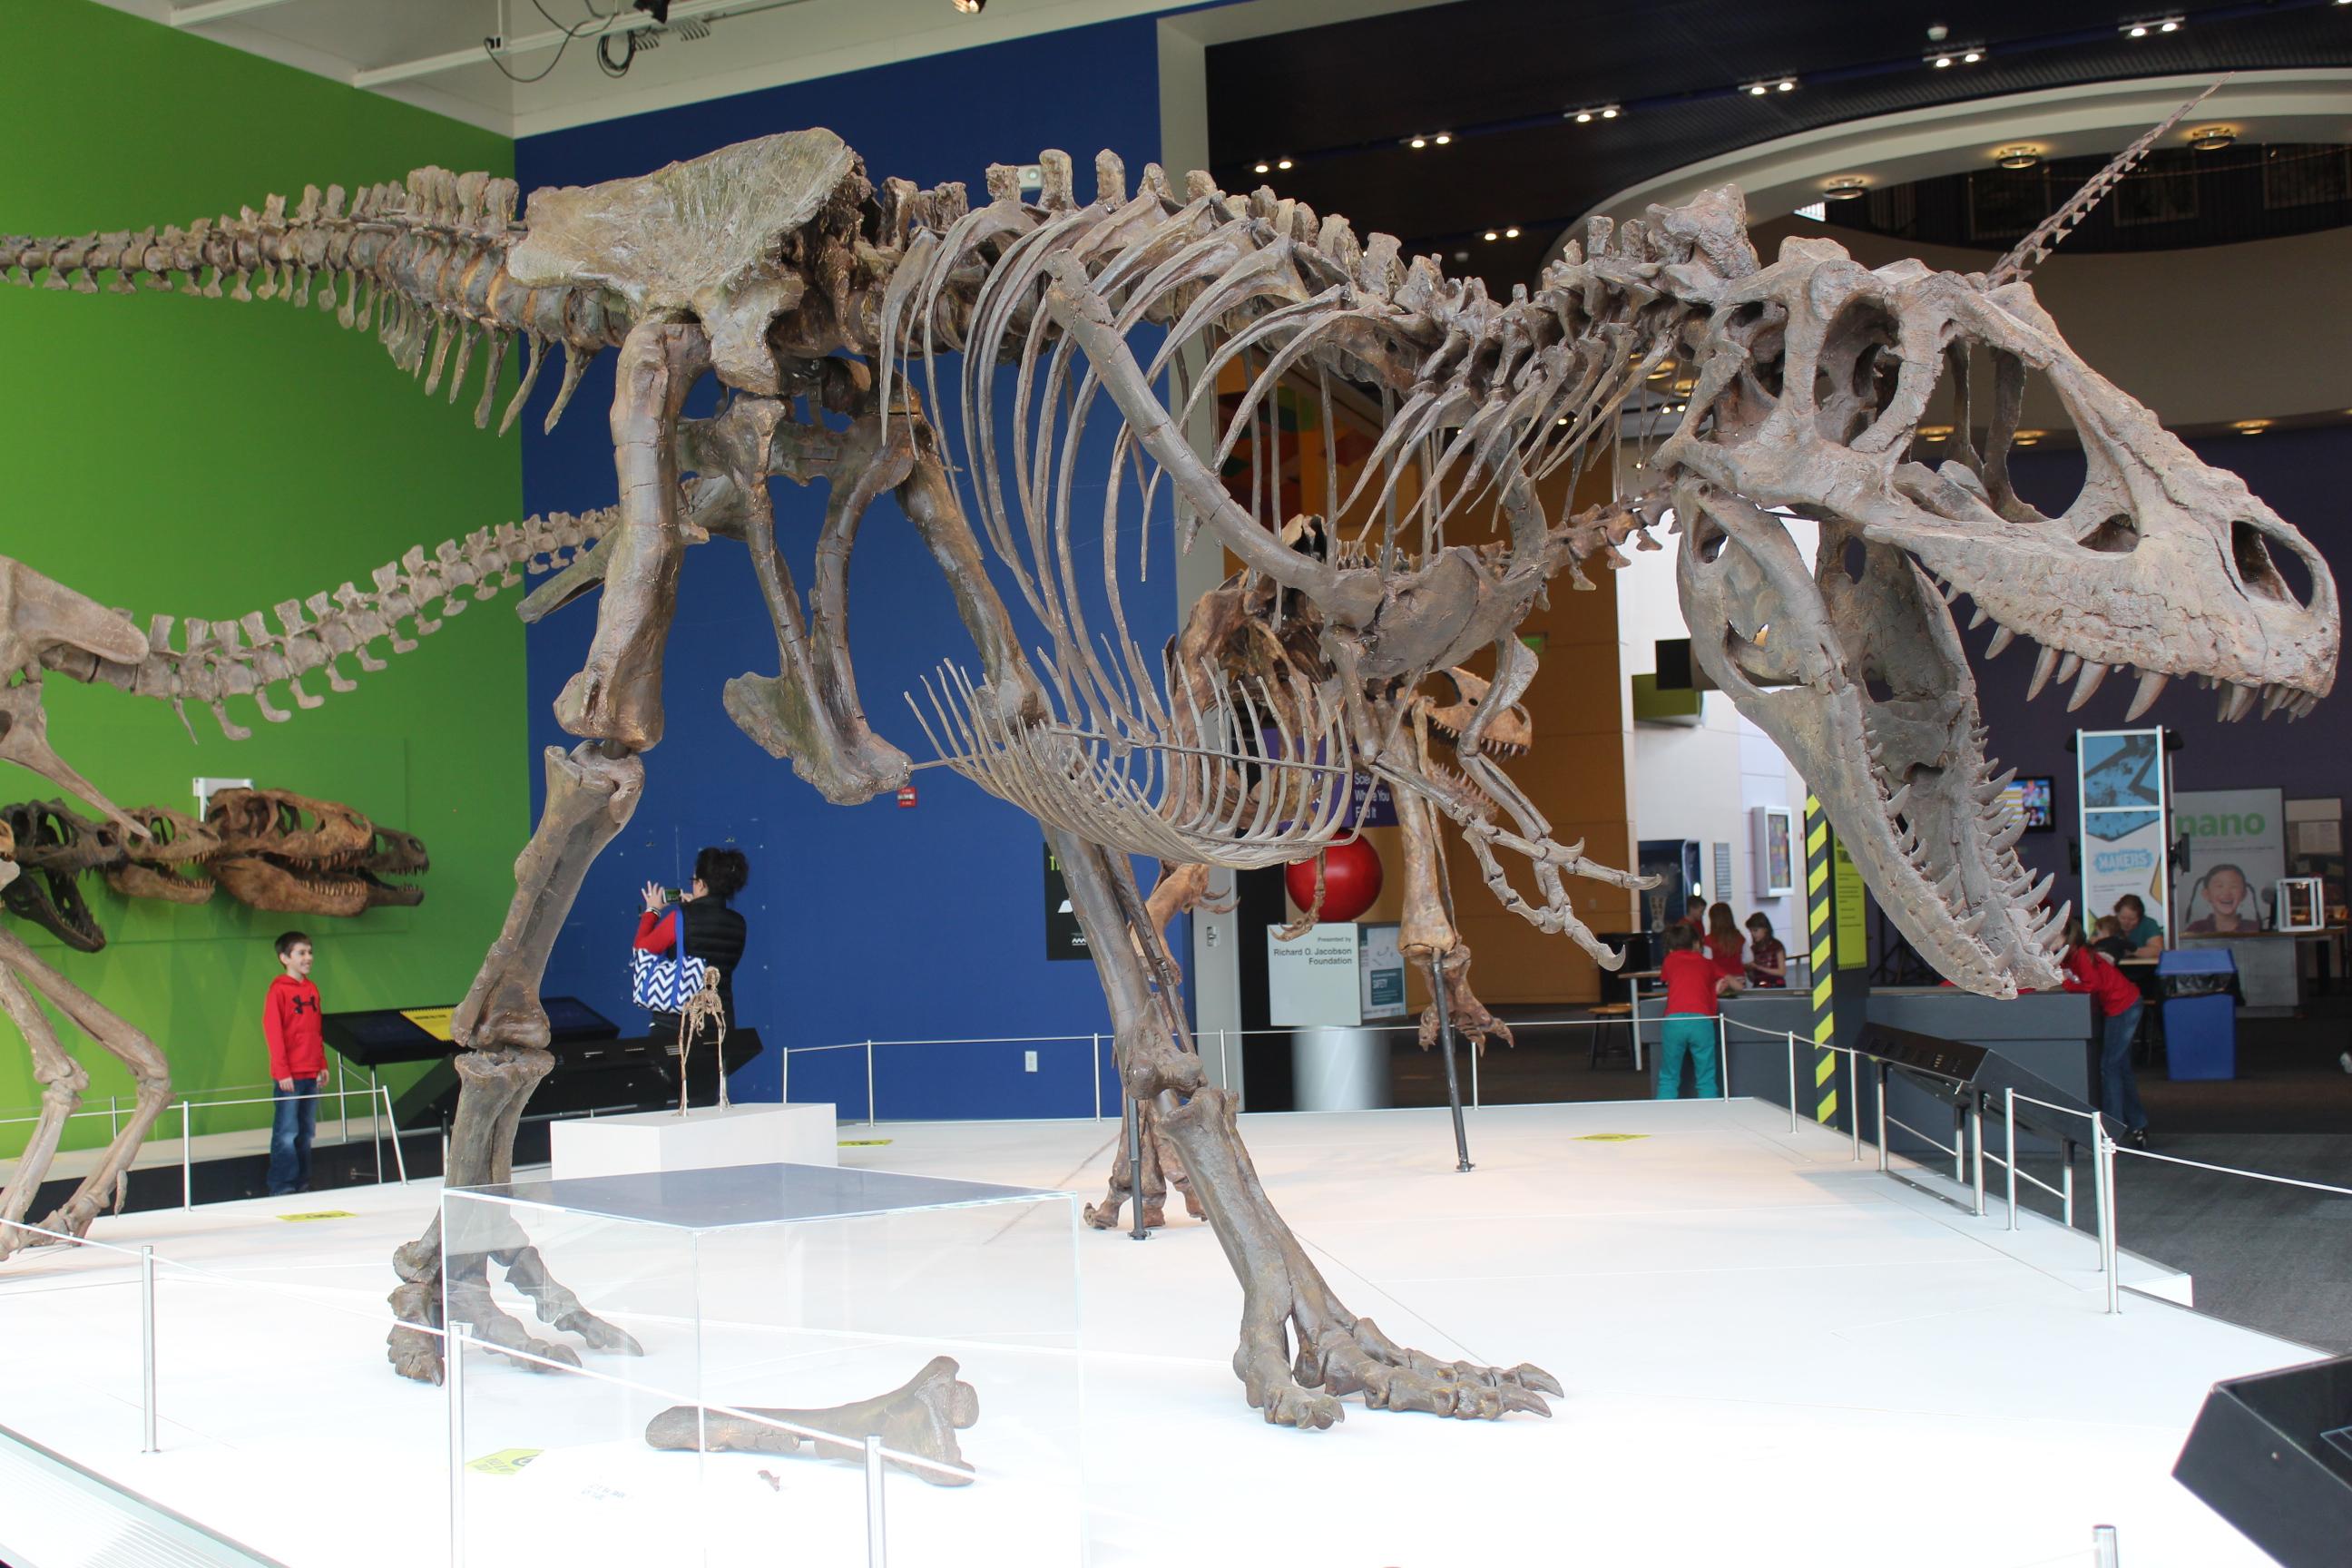 ダスプレトサウルス - Wikipedia